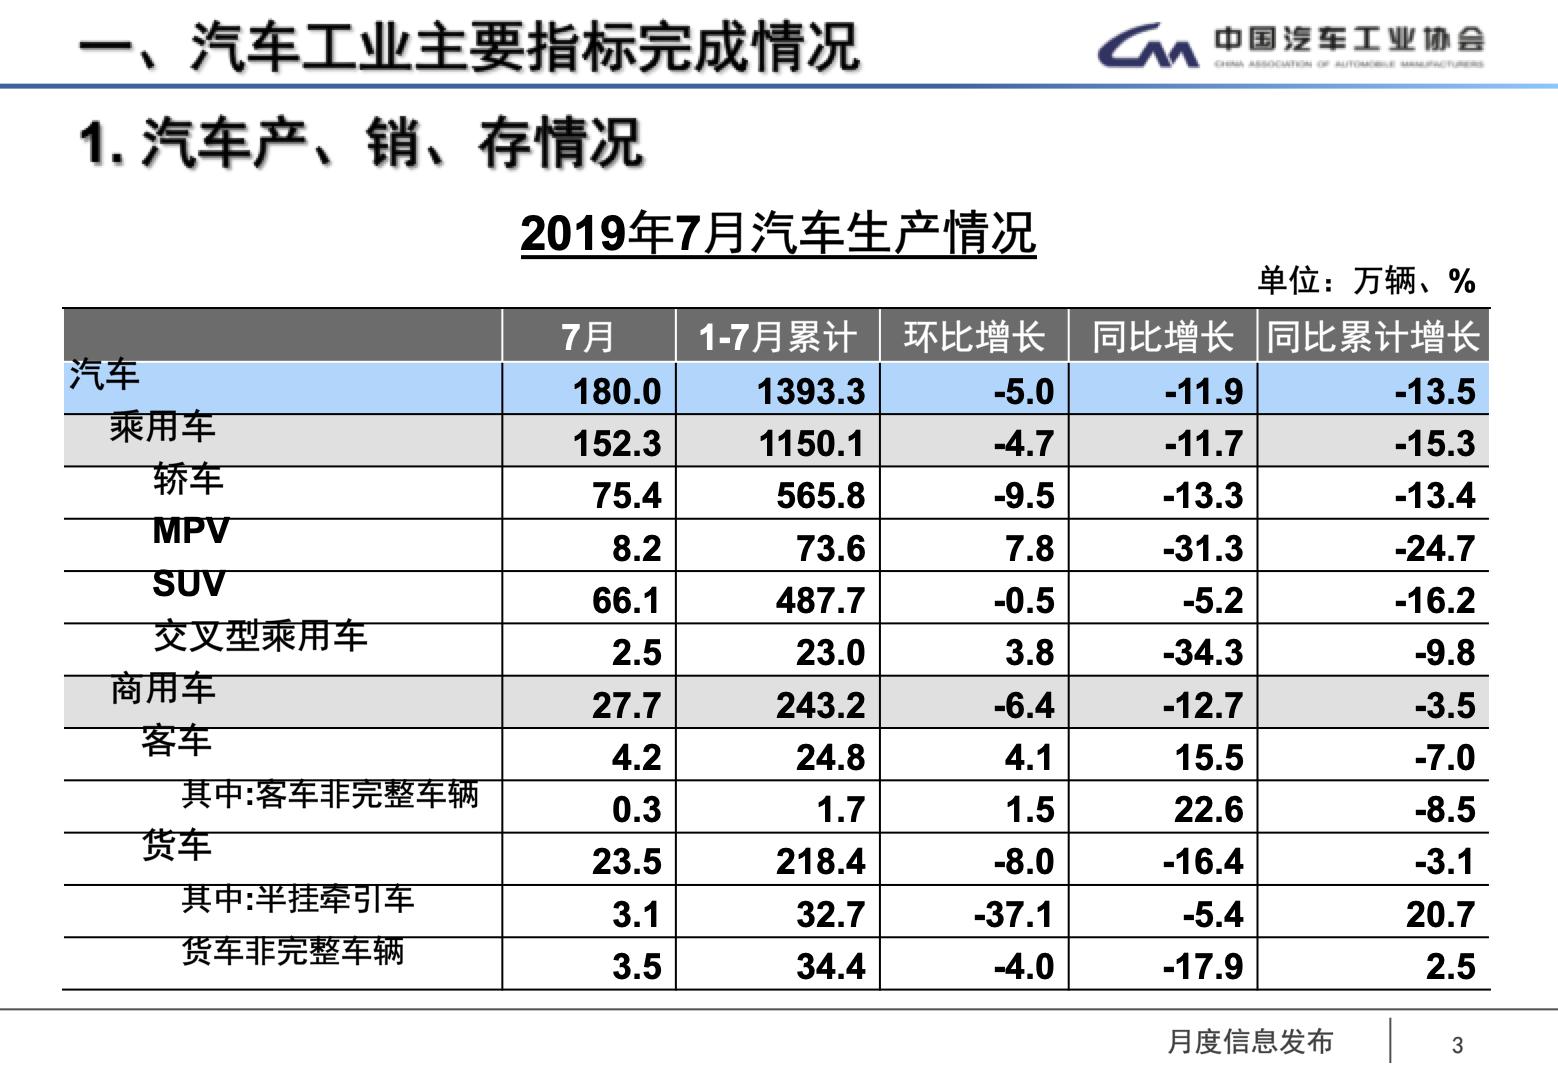 中汽协:7月车市同比降幅收窄,新能源销量比上月少一半 【图】